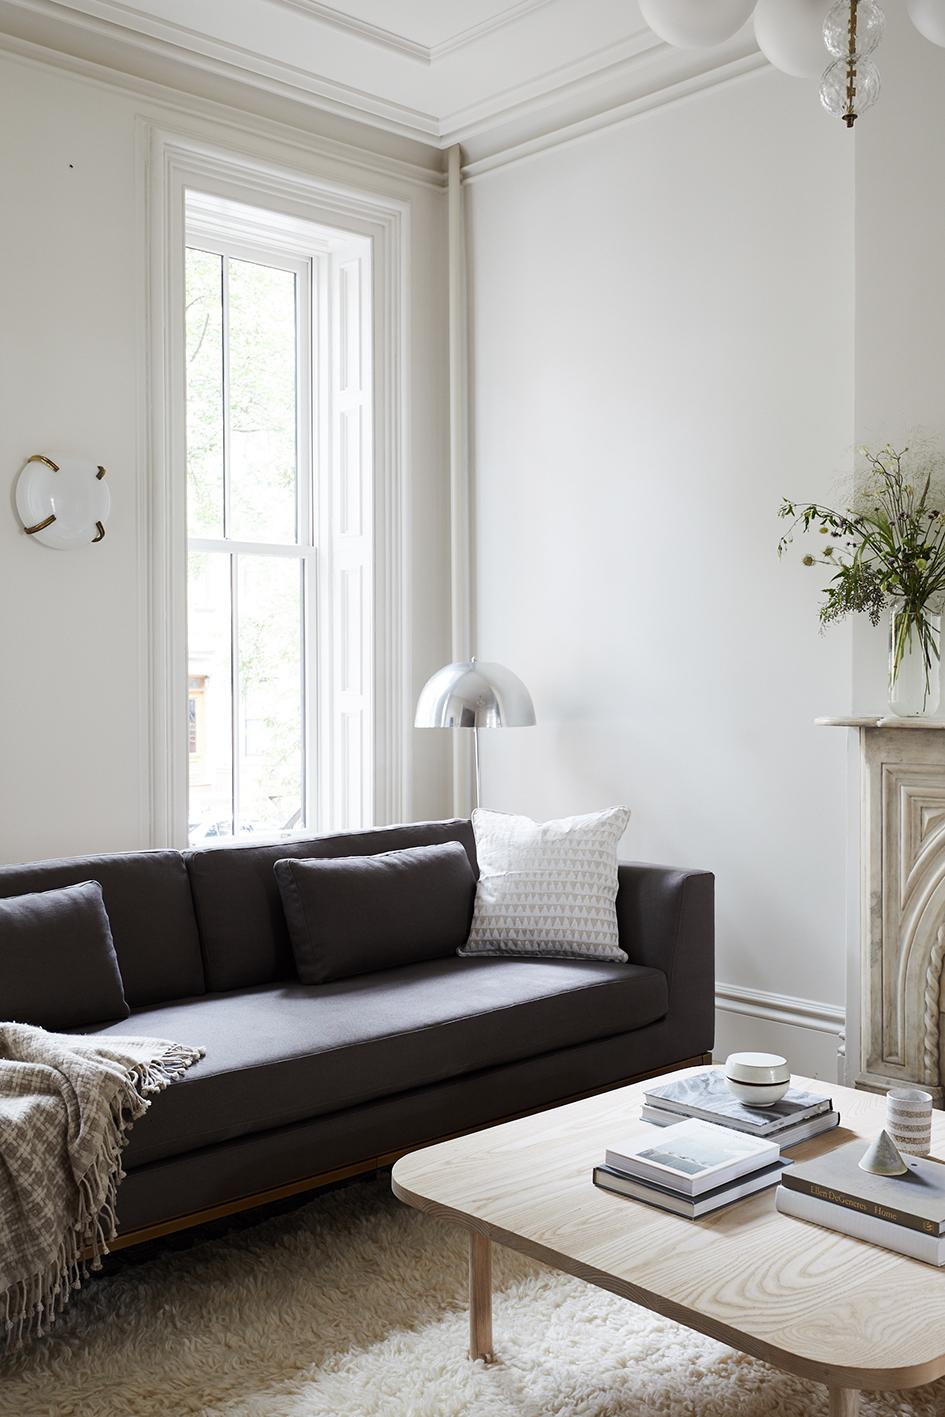 c. Living Room Slope_Townhouse_Living_Room_028.jpg